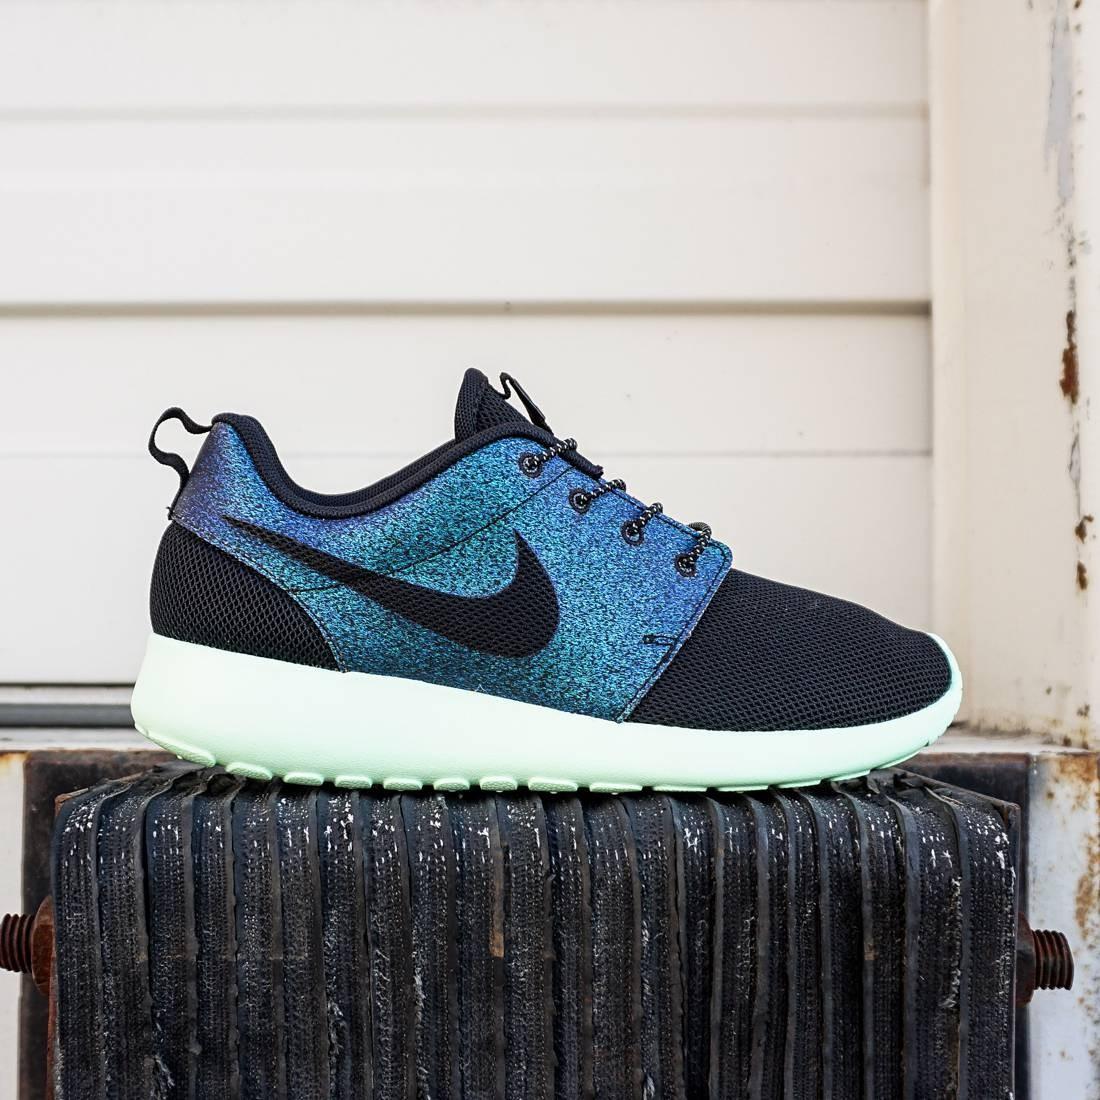 43c0506e81f2 Nike Women Roshe One WWC QS teal black vapor green